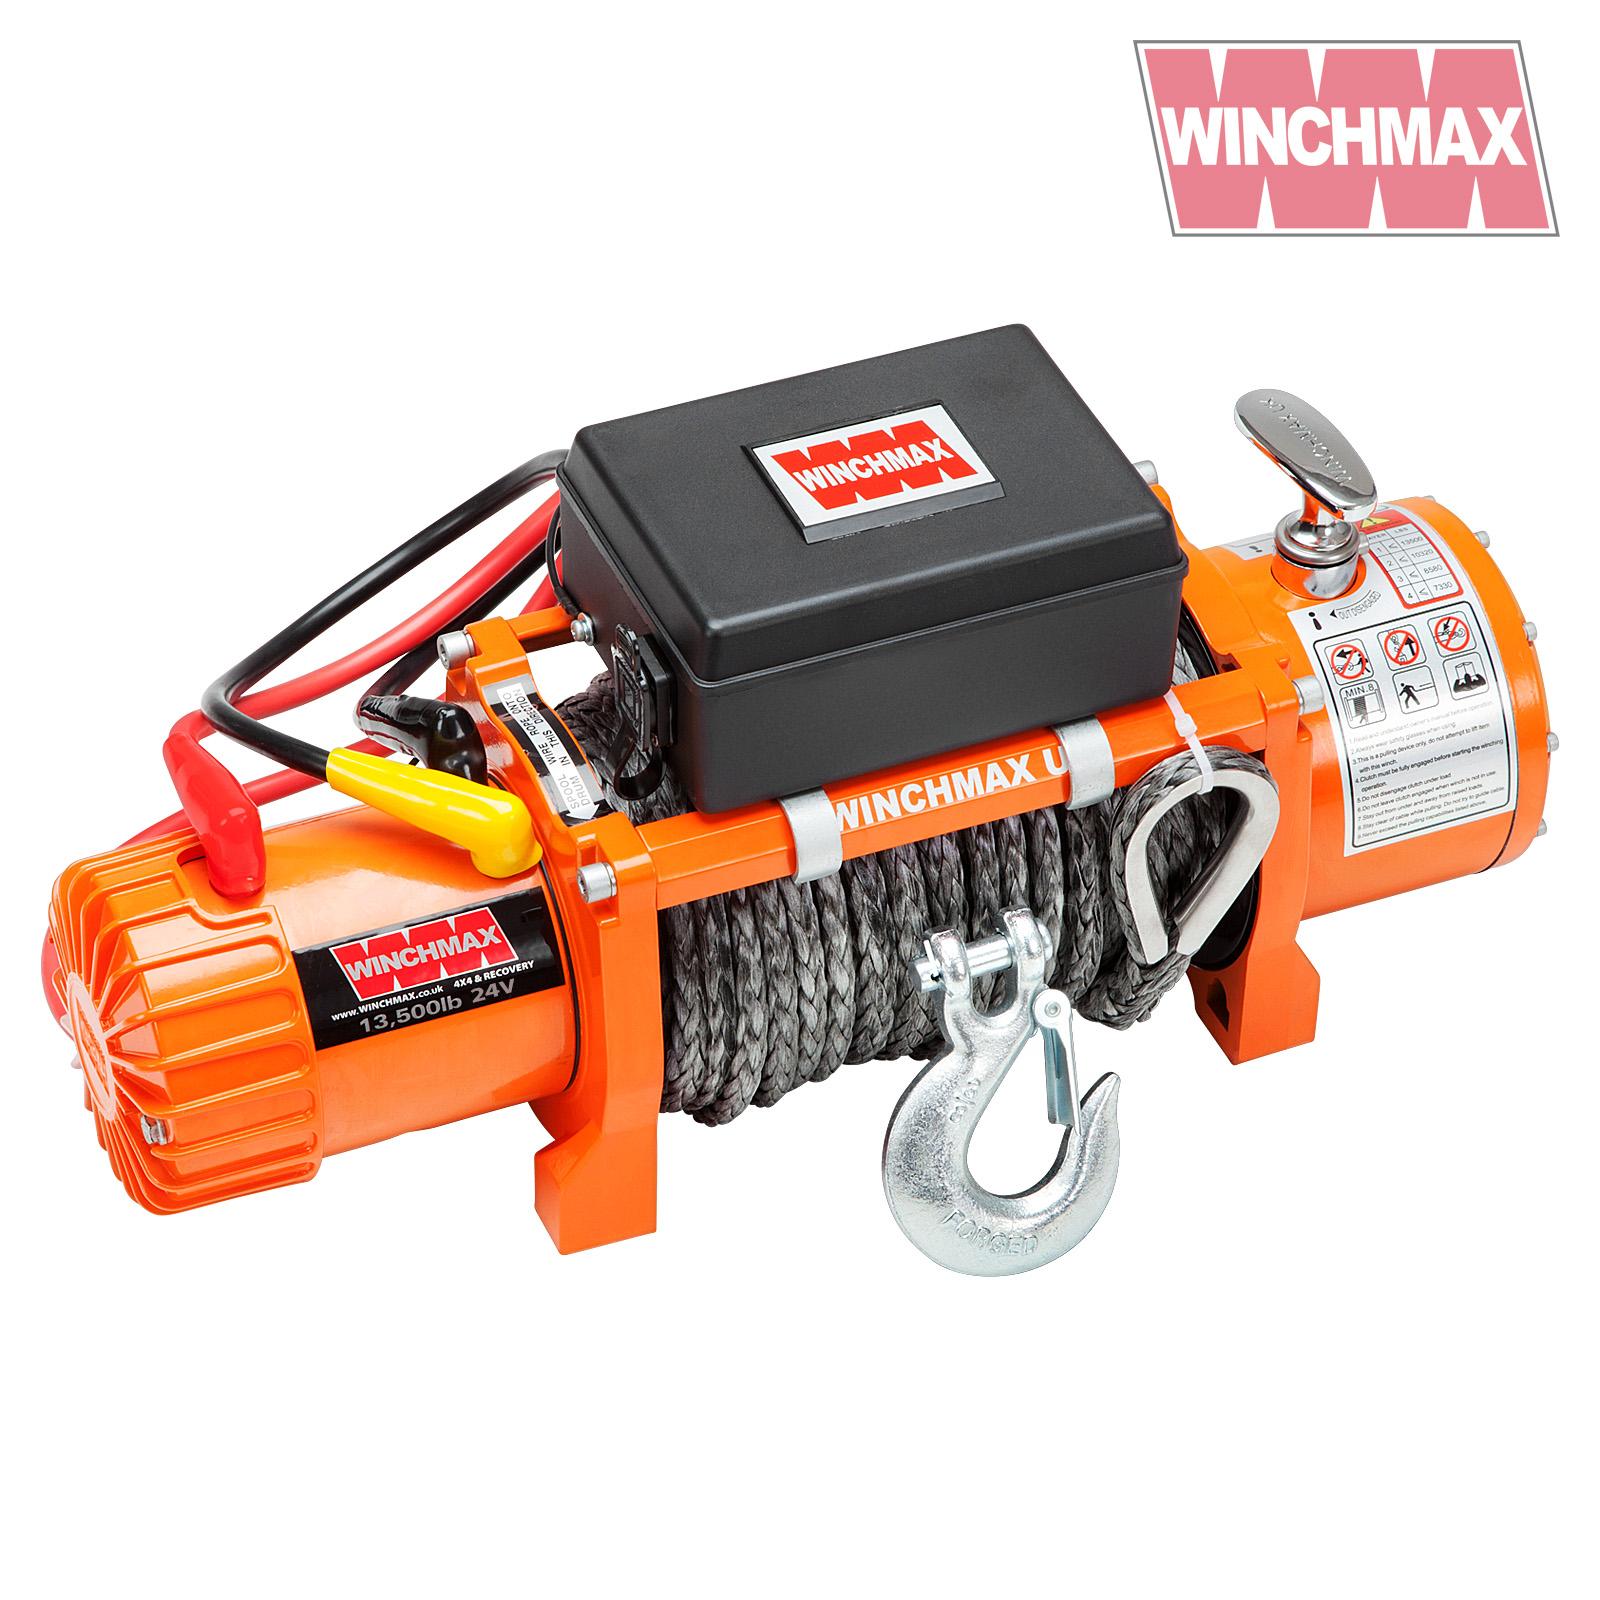 Wm1350024vrs winchmax 04